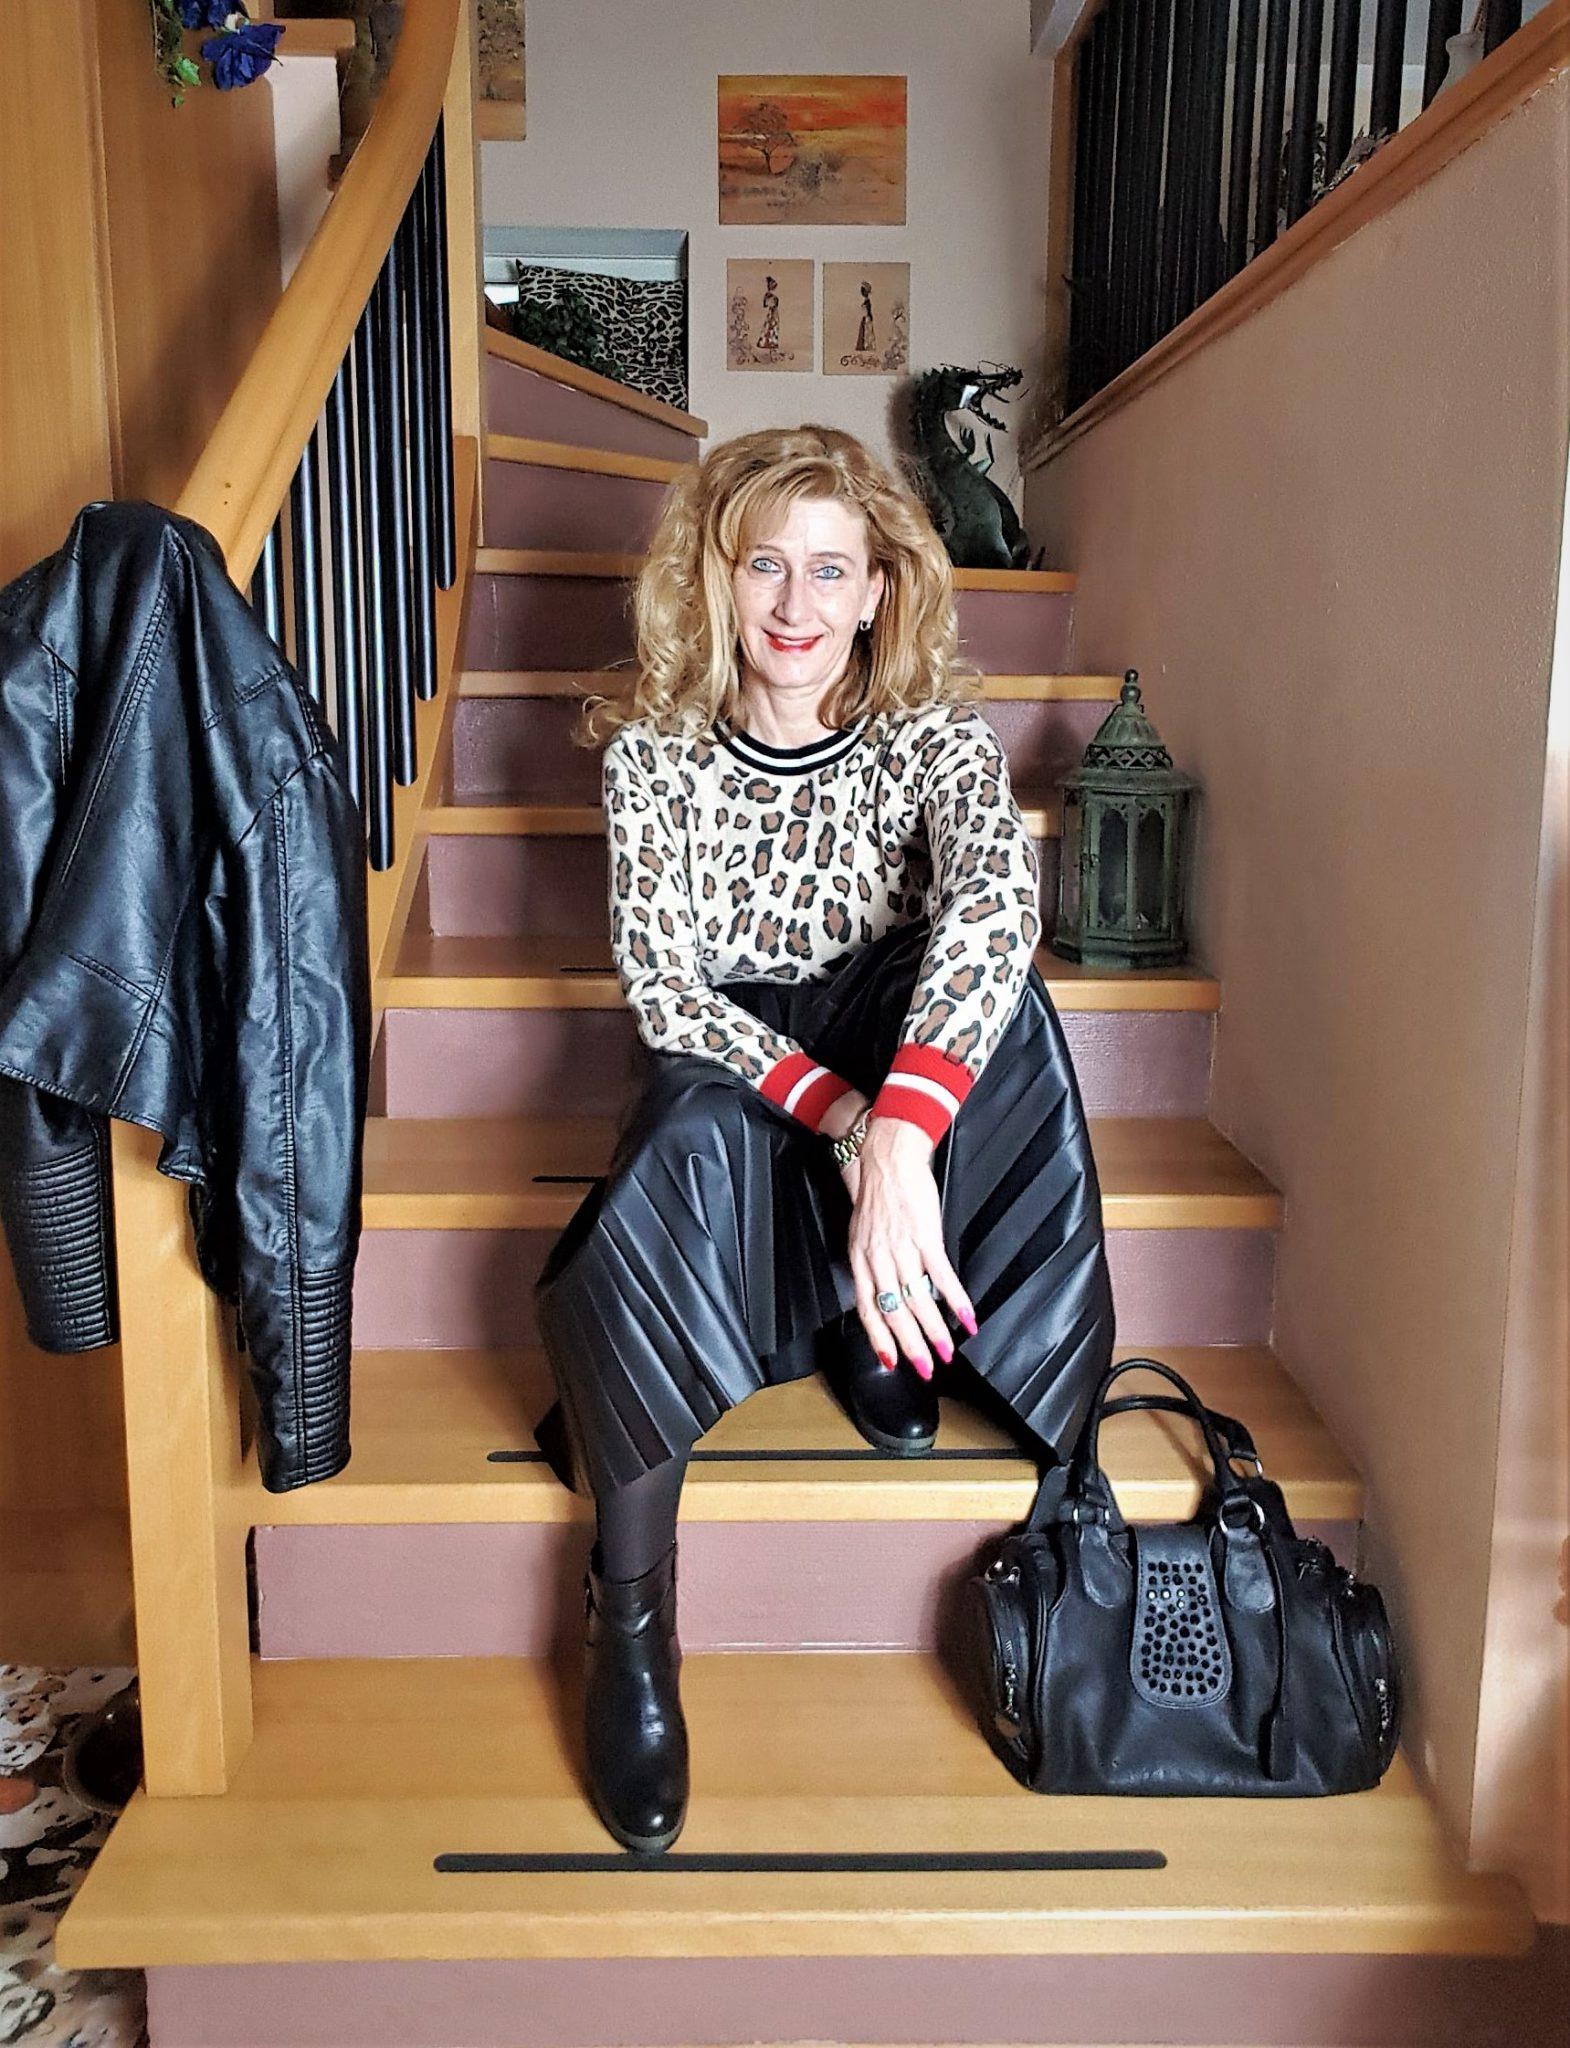 Trend Lederrock, Plissee-Röcke aus Leder, Leder-Outfit